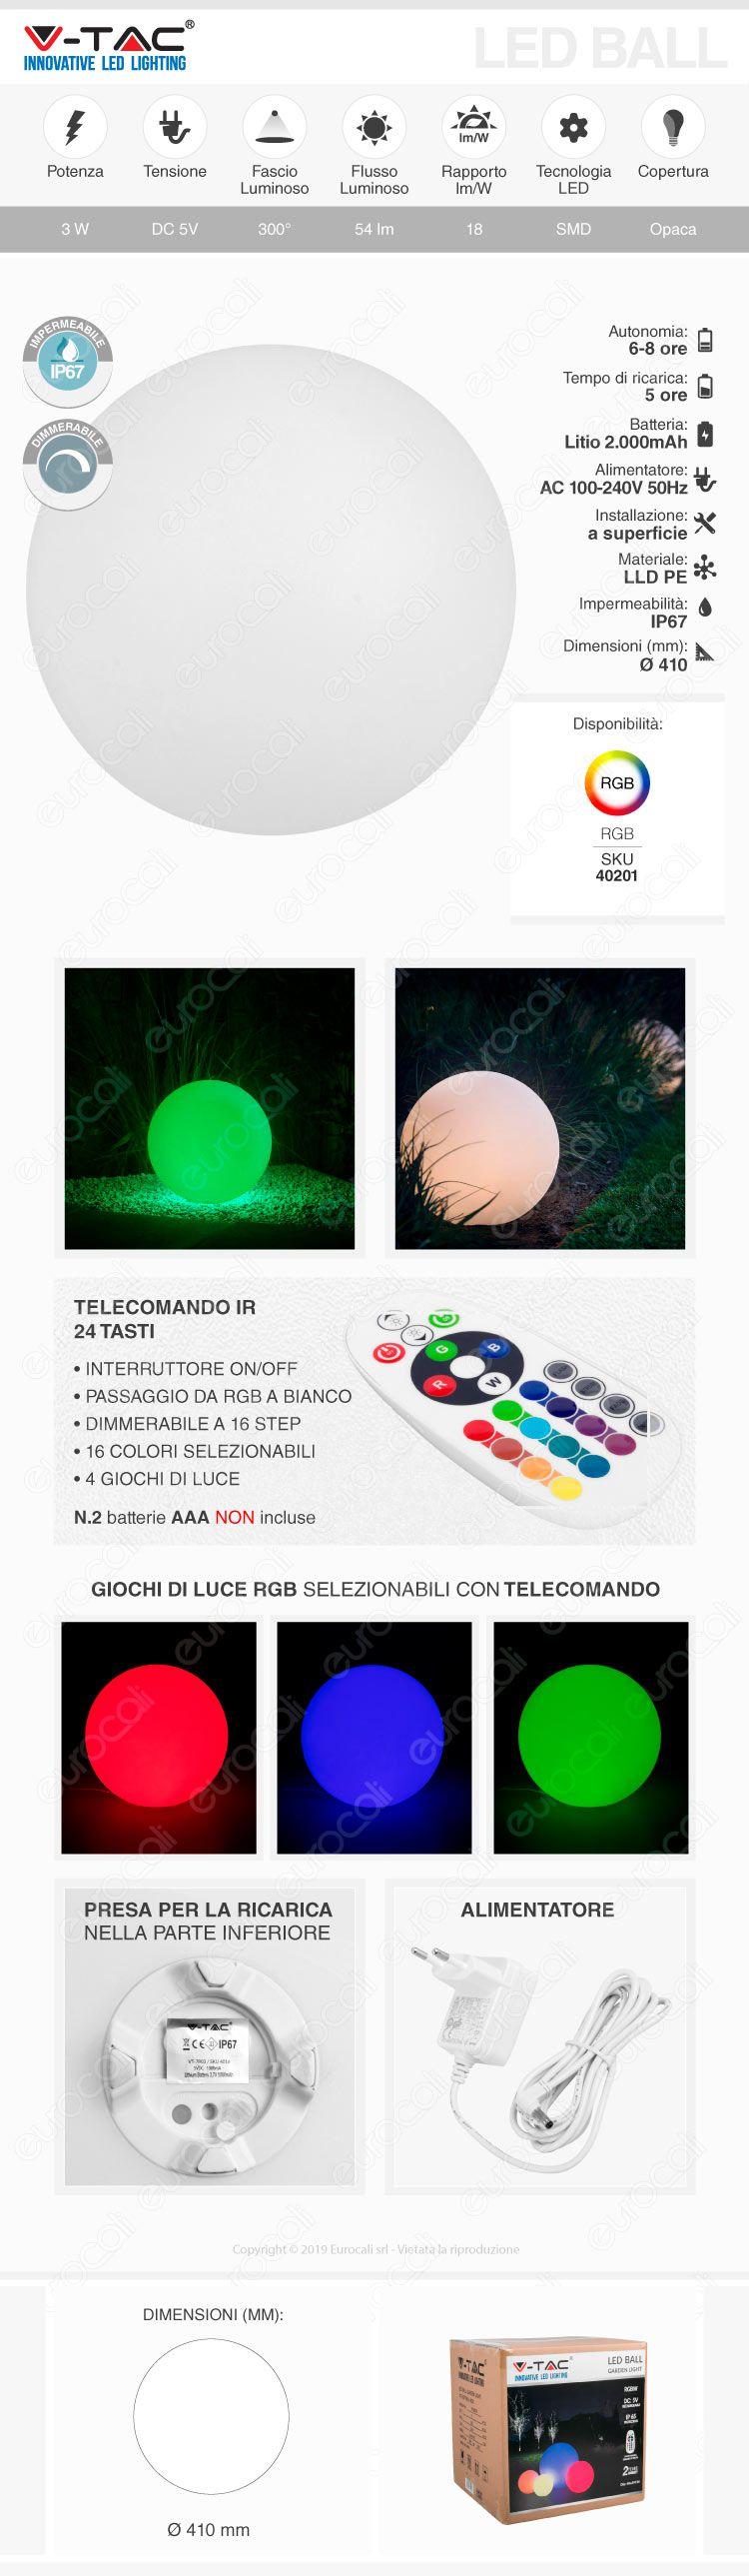 V-Tac VT-7807 Sfera Multicolor LED RGB+W 3W Ricaricabile con Telecomando IP67